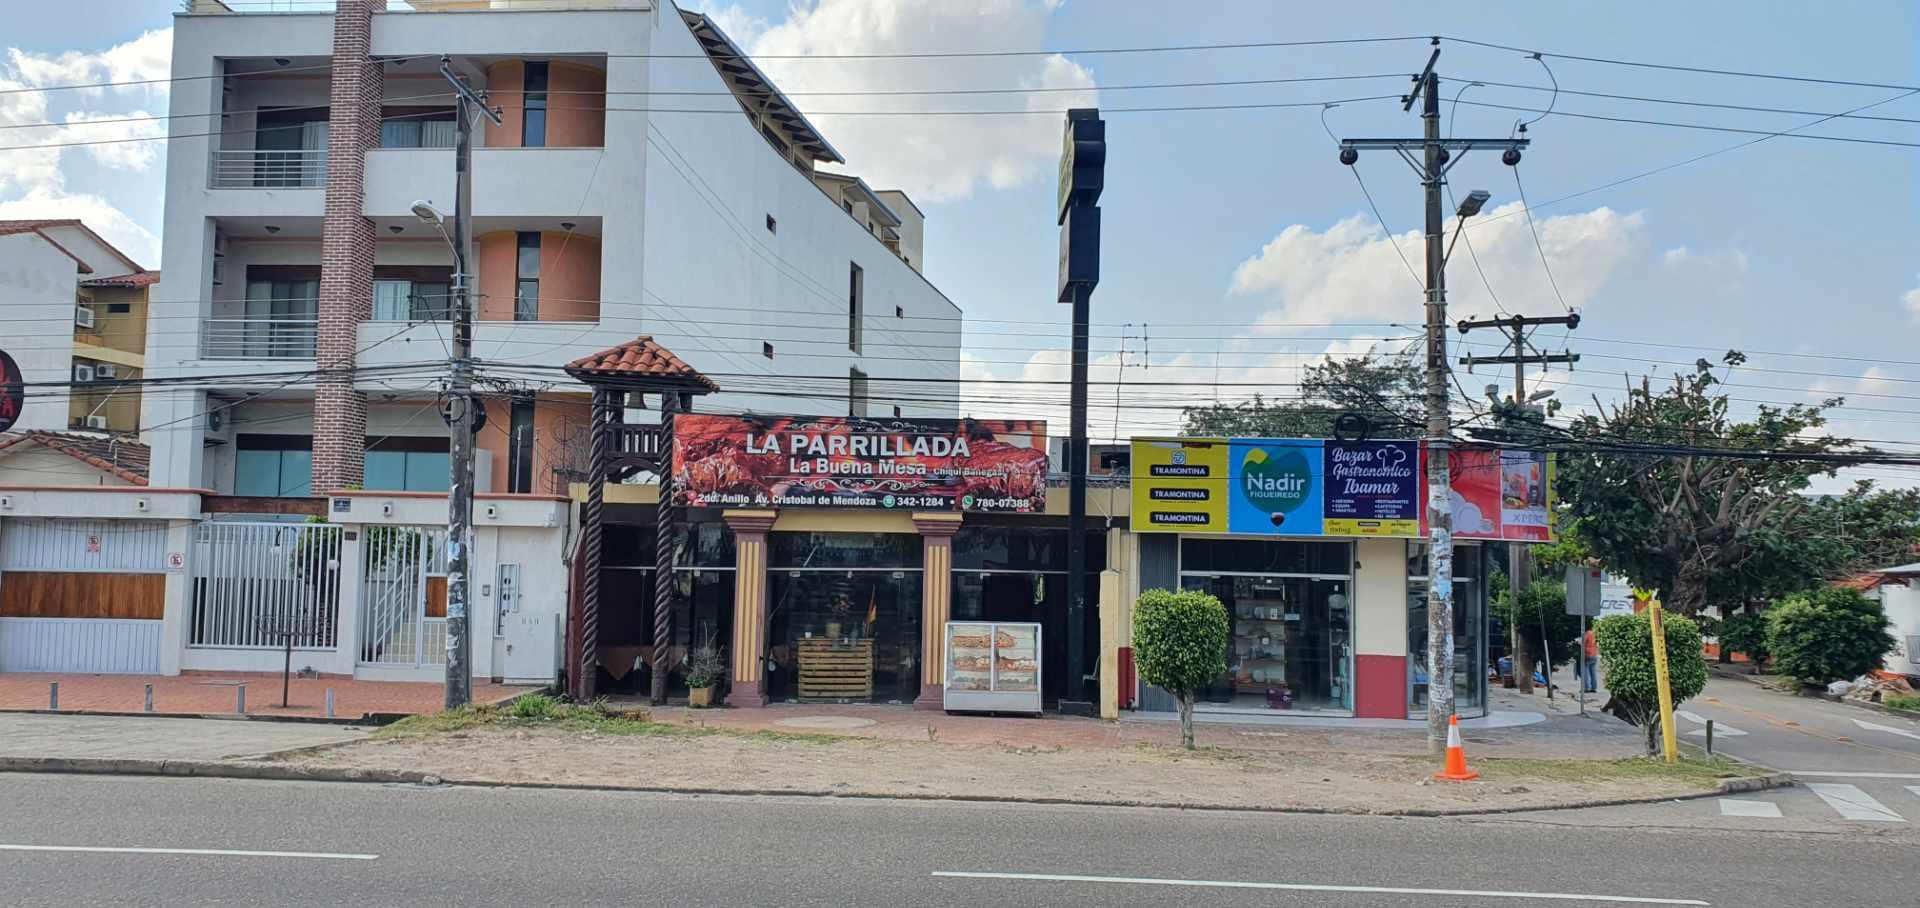 Local comercial en Venta Inmueble comercial Sobre el 2do anillo Entre Av. Alemana y Beni Foto 3